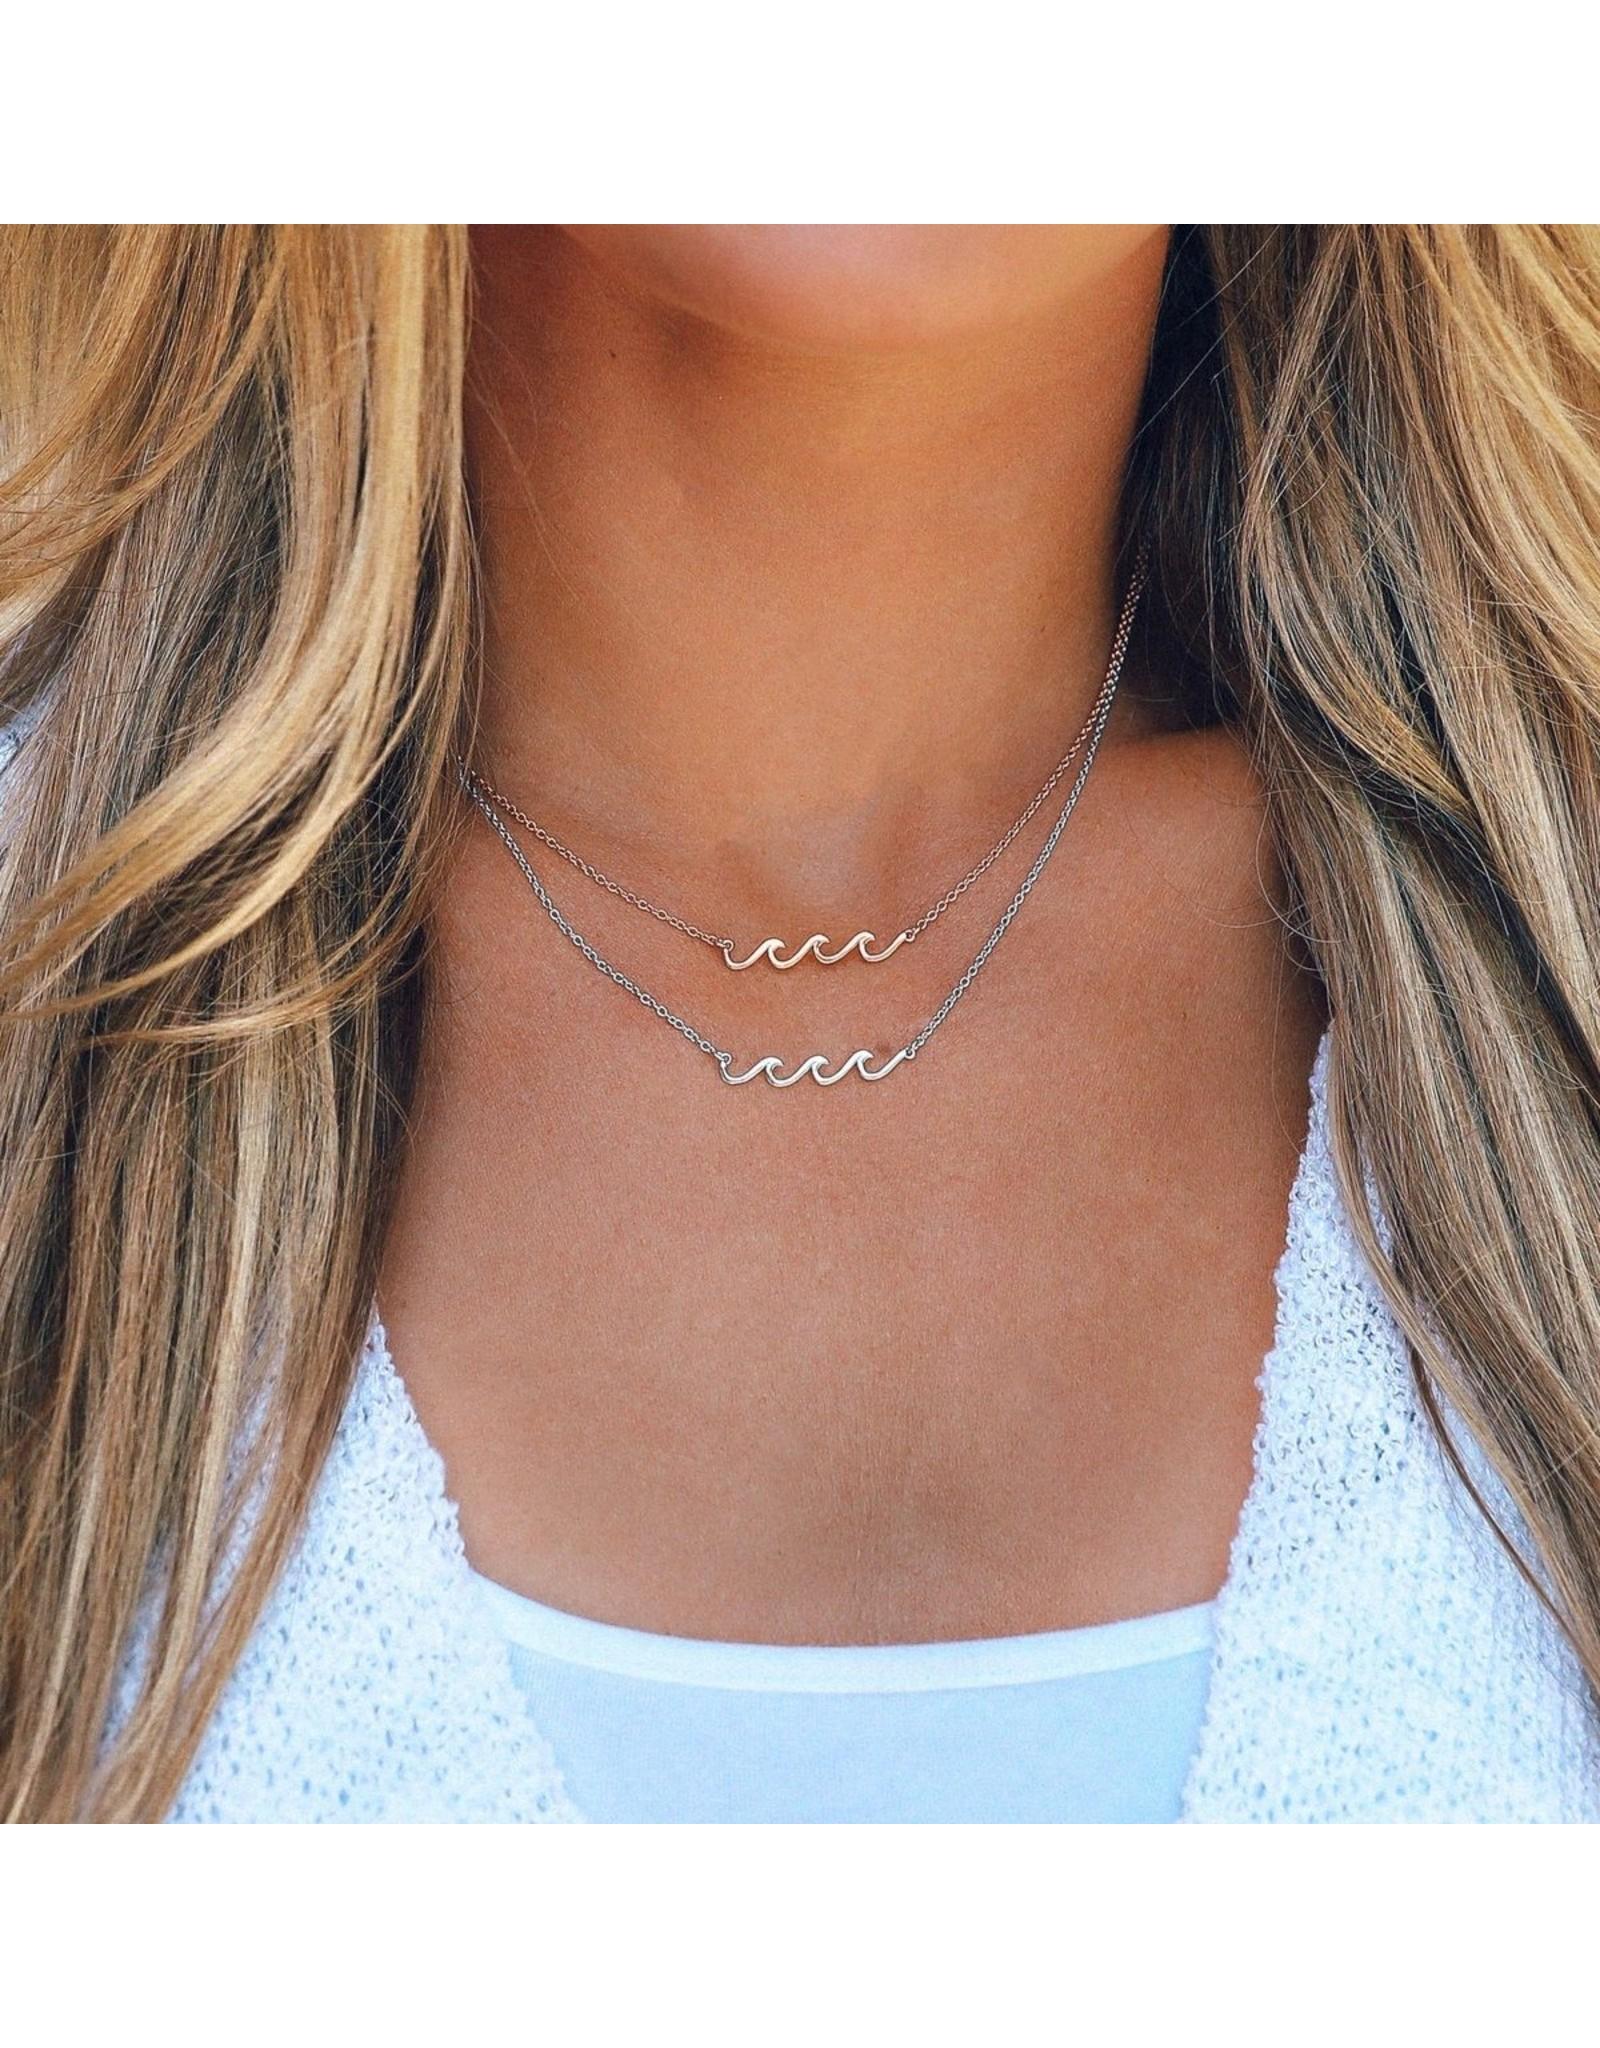 Pura Vida Delicate Wave Necklace, Silver